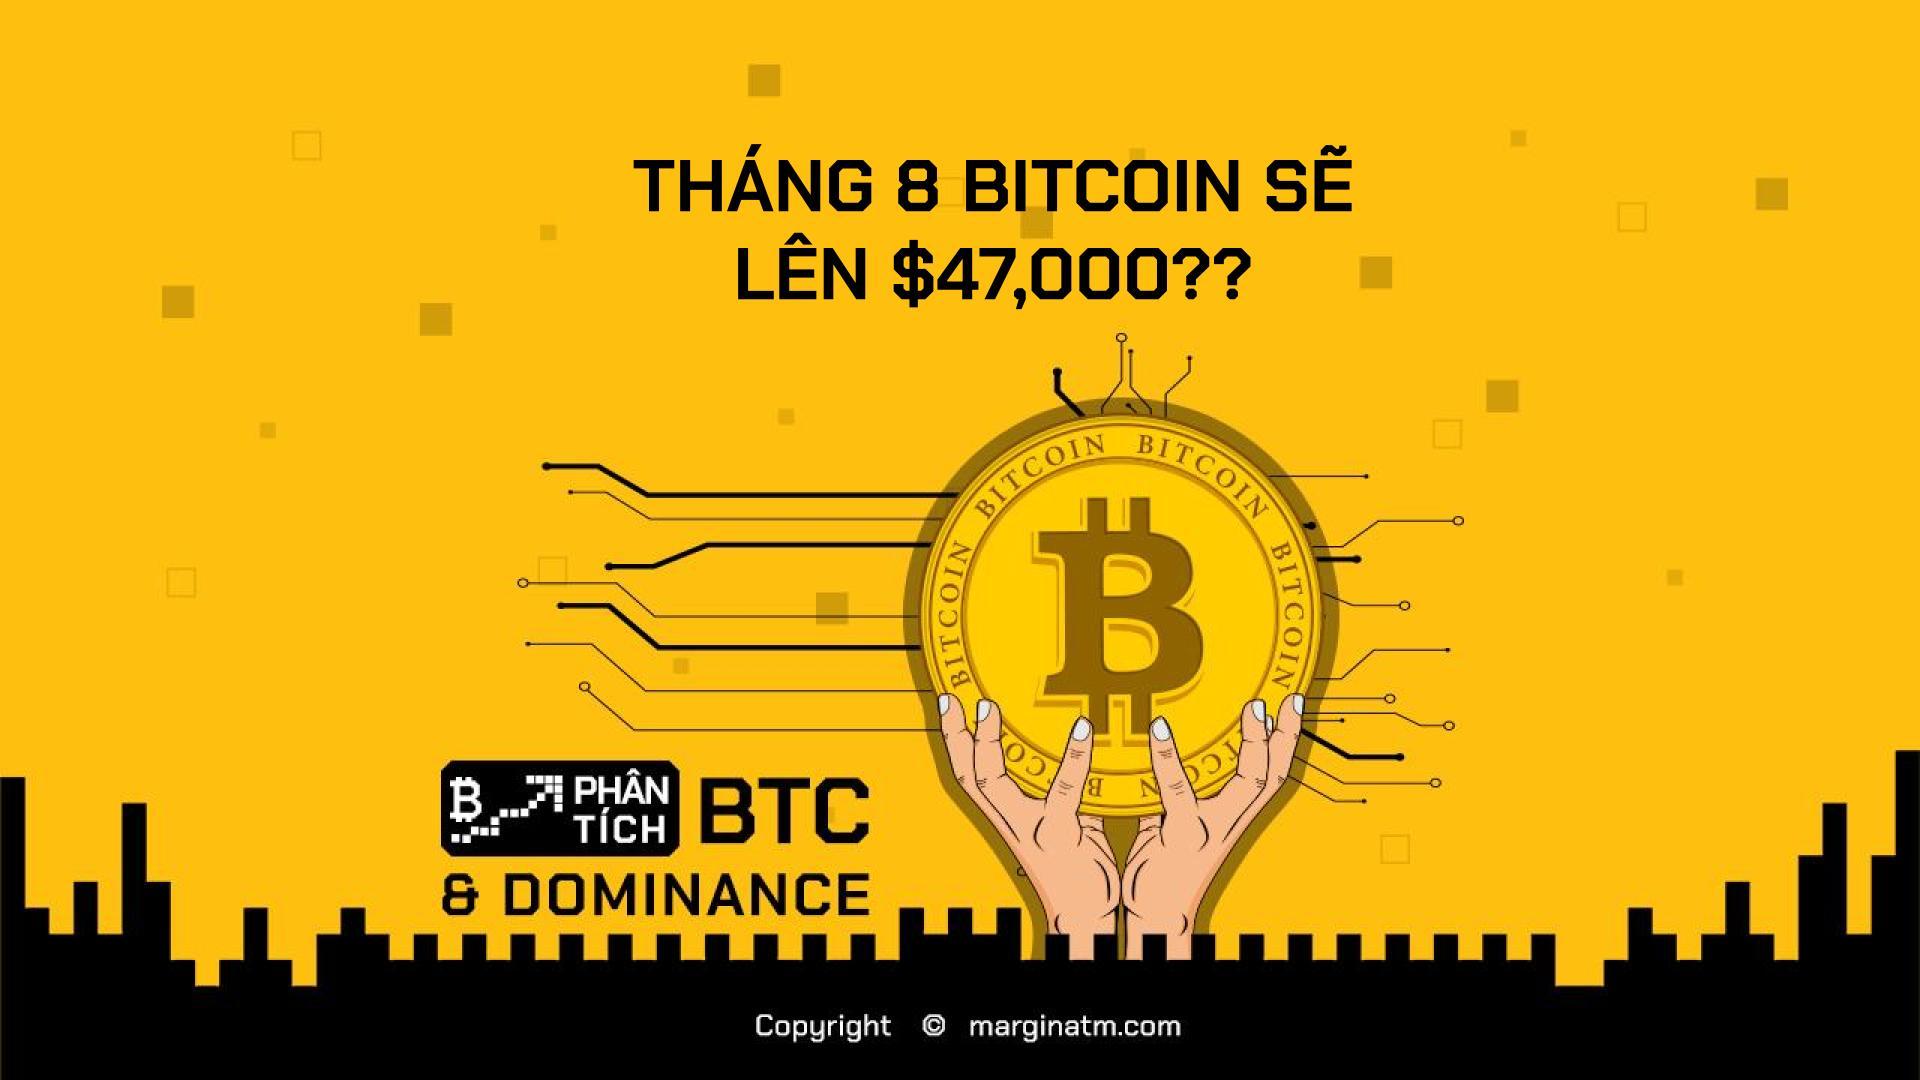 Phân tích BTC & Dominance - Bitcoin tháng 8 sẽ như thế nào?